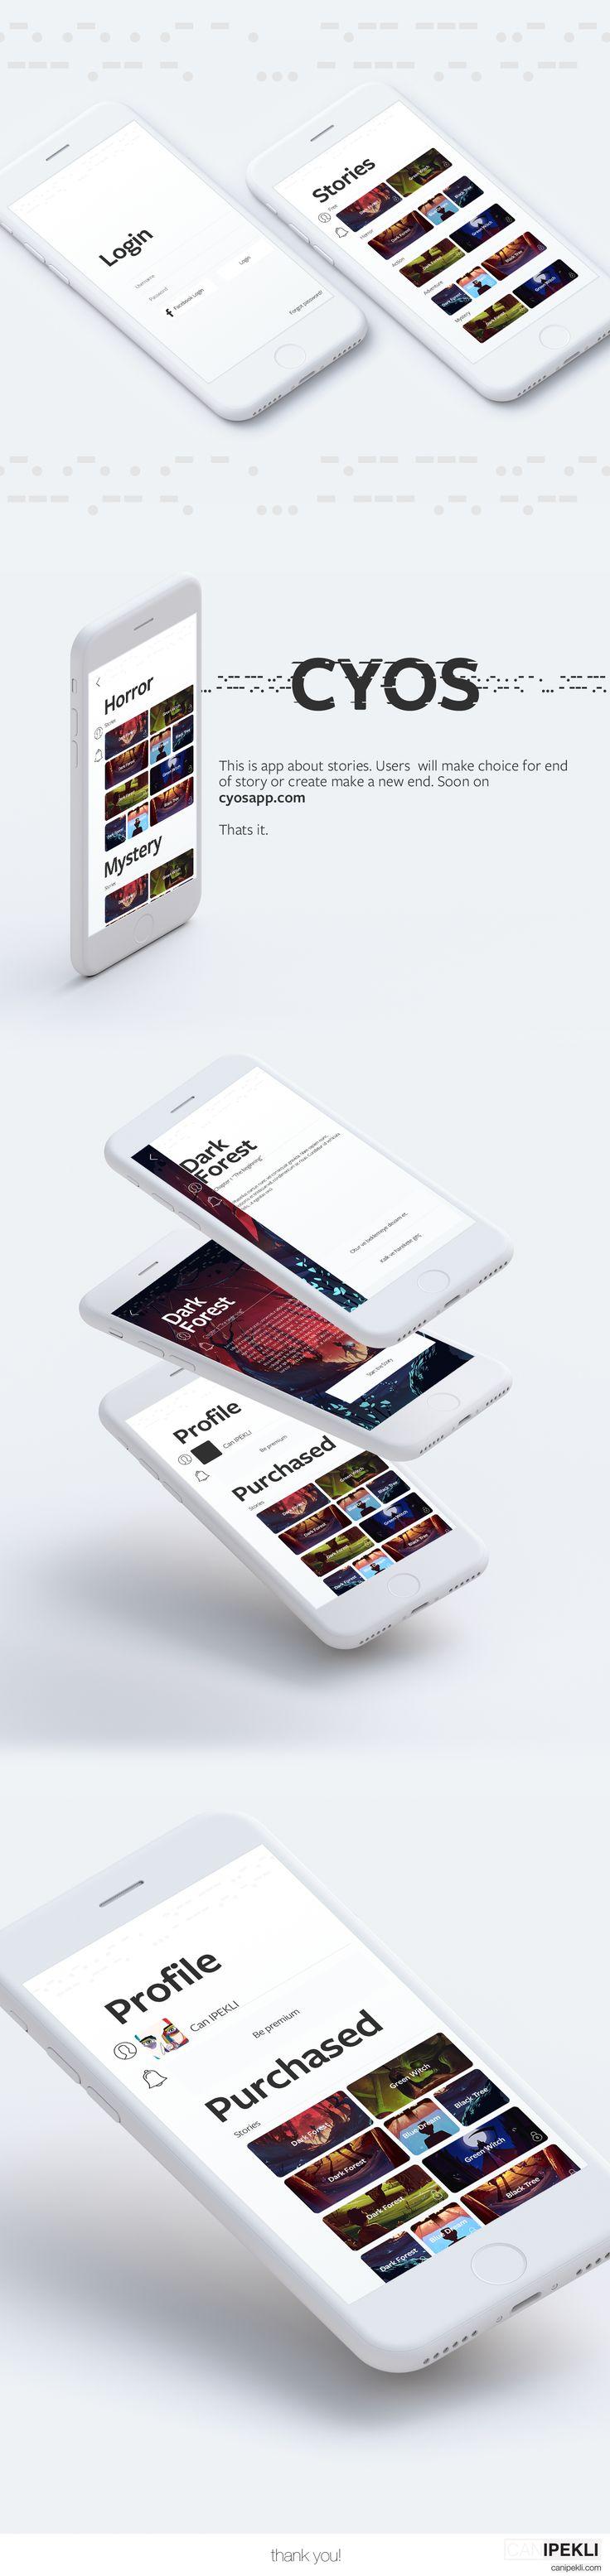 @Behance projeme göz atın: \u201cCYOS - Create Your Own Story\u201d https://www.behance.net/gallery/54379809/CYOS-Create-Your-Own-Story